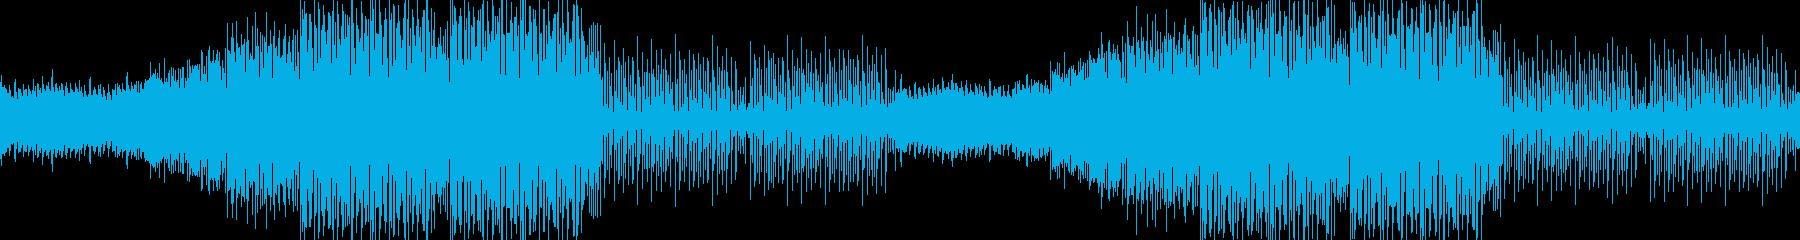 爽やかアコギ・明るい疾走感スポーツEDMの再生済みの波形